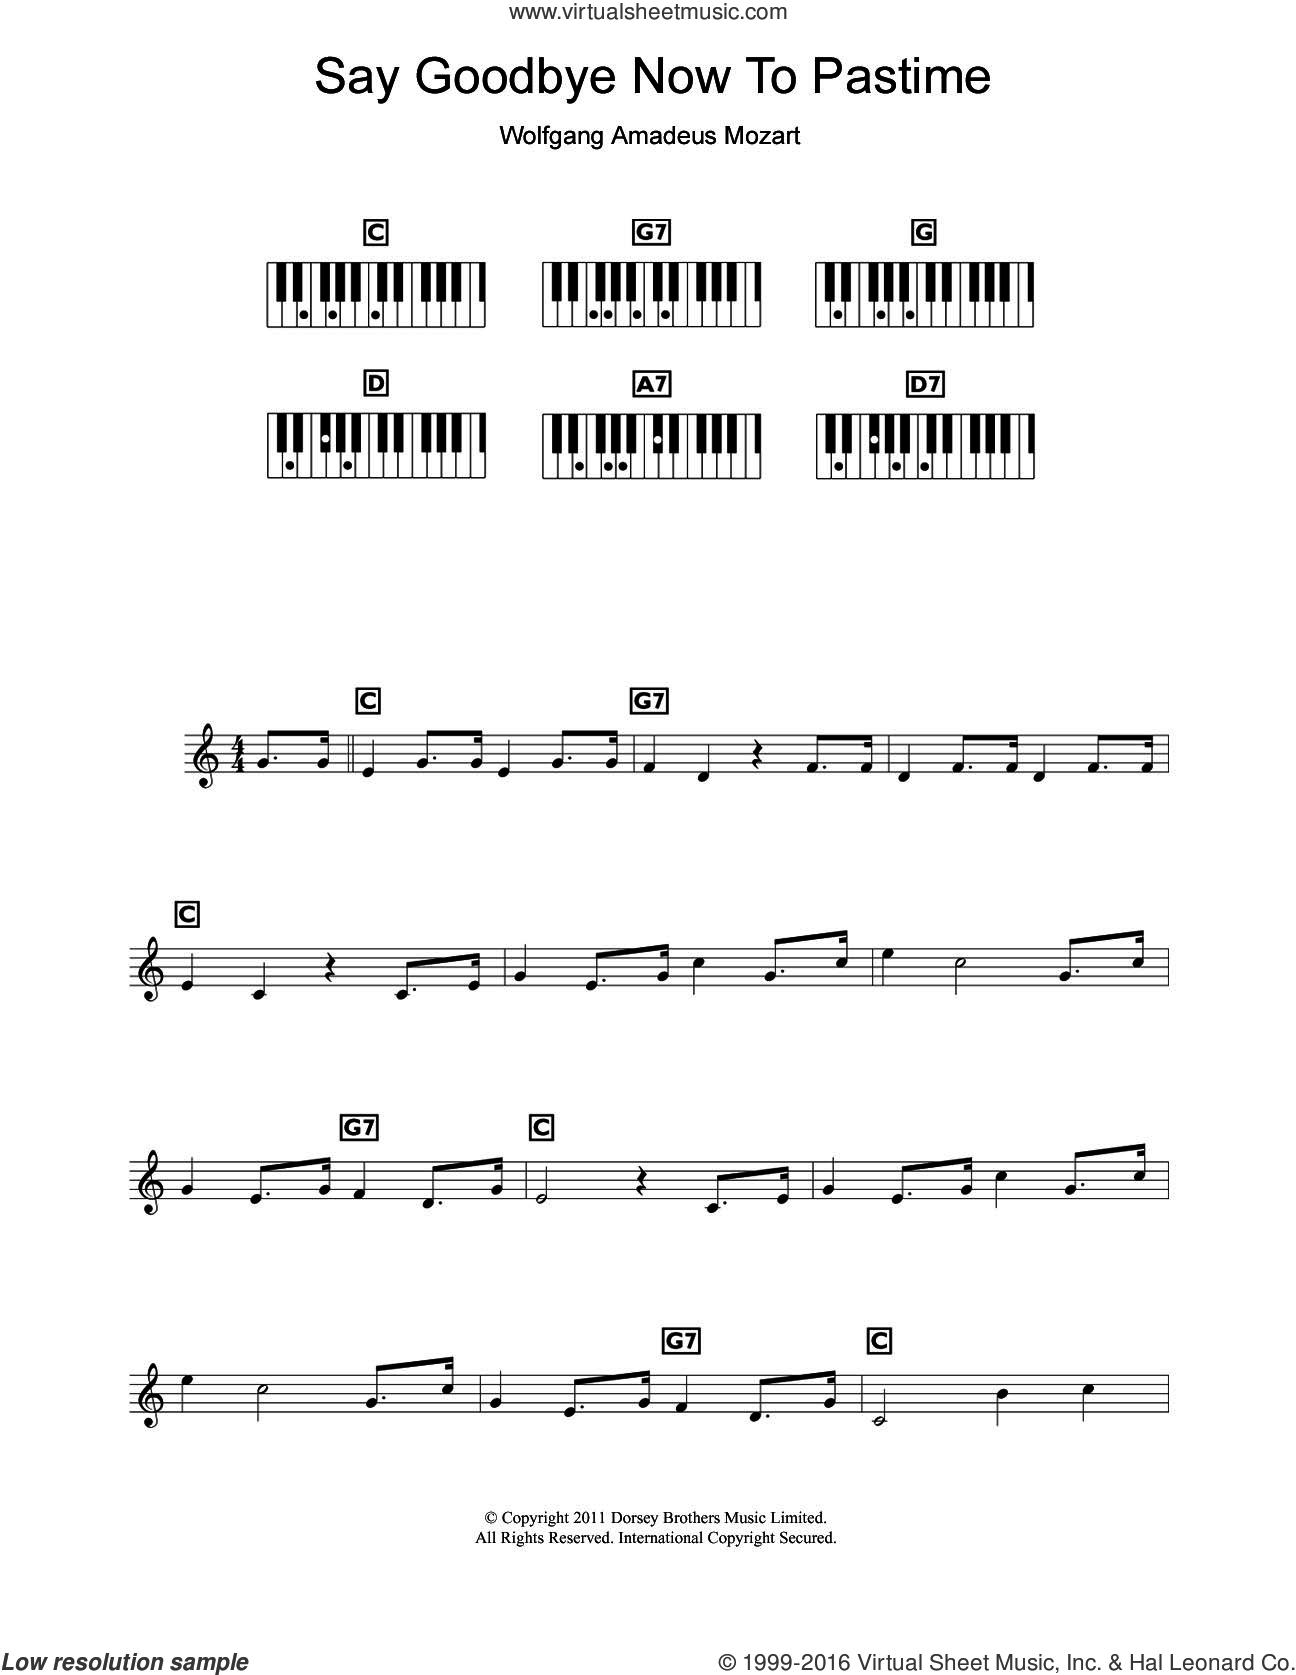 Piano Melody Samples